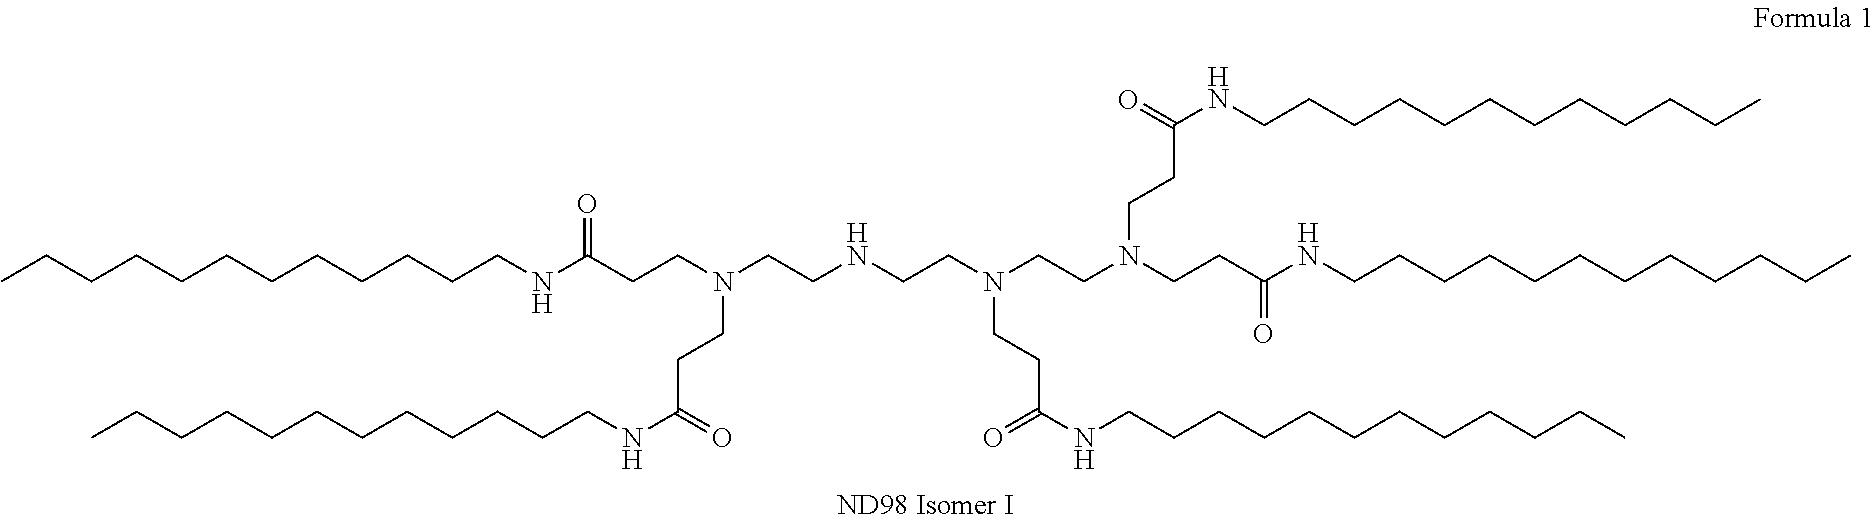 Figure US20180135057A1-20180517-C00013